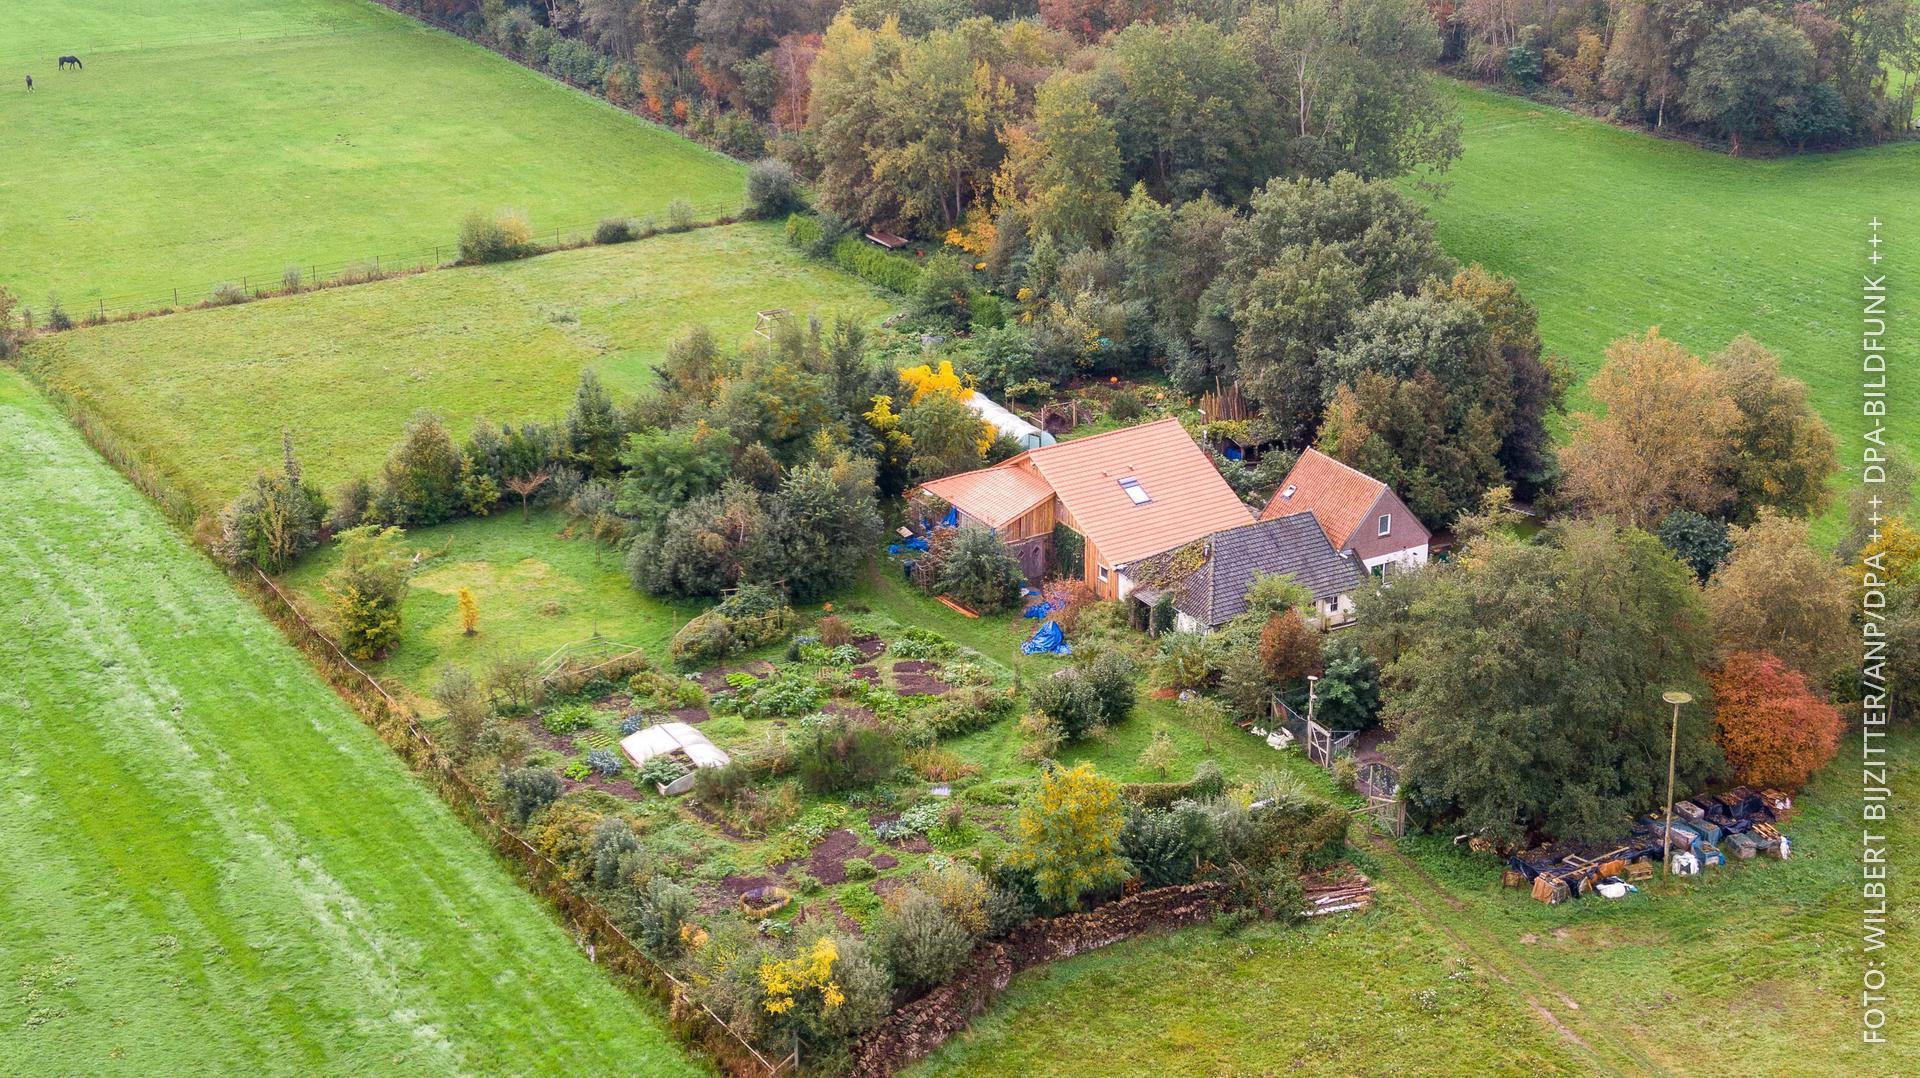 Ein Bauernhof in den Niederlanden aus der Luft fotografiert.